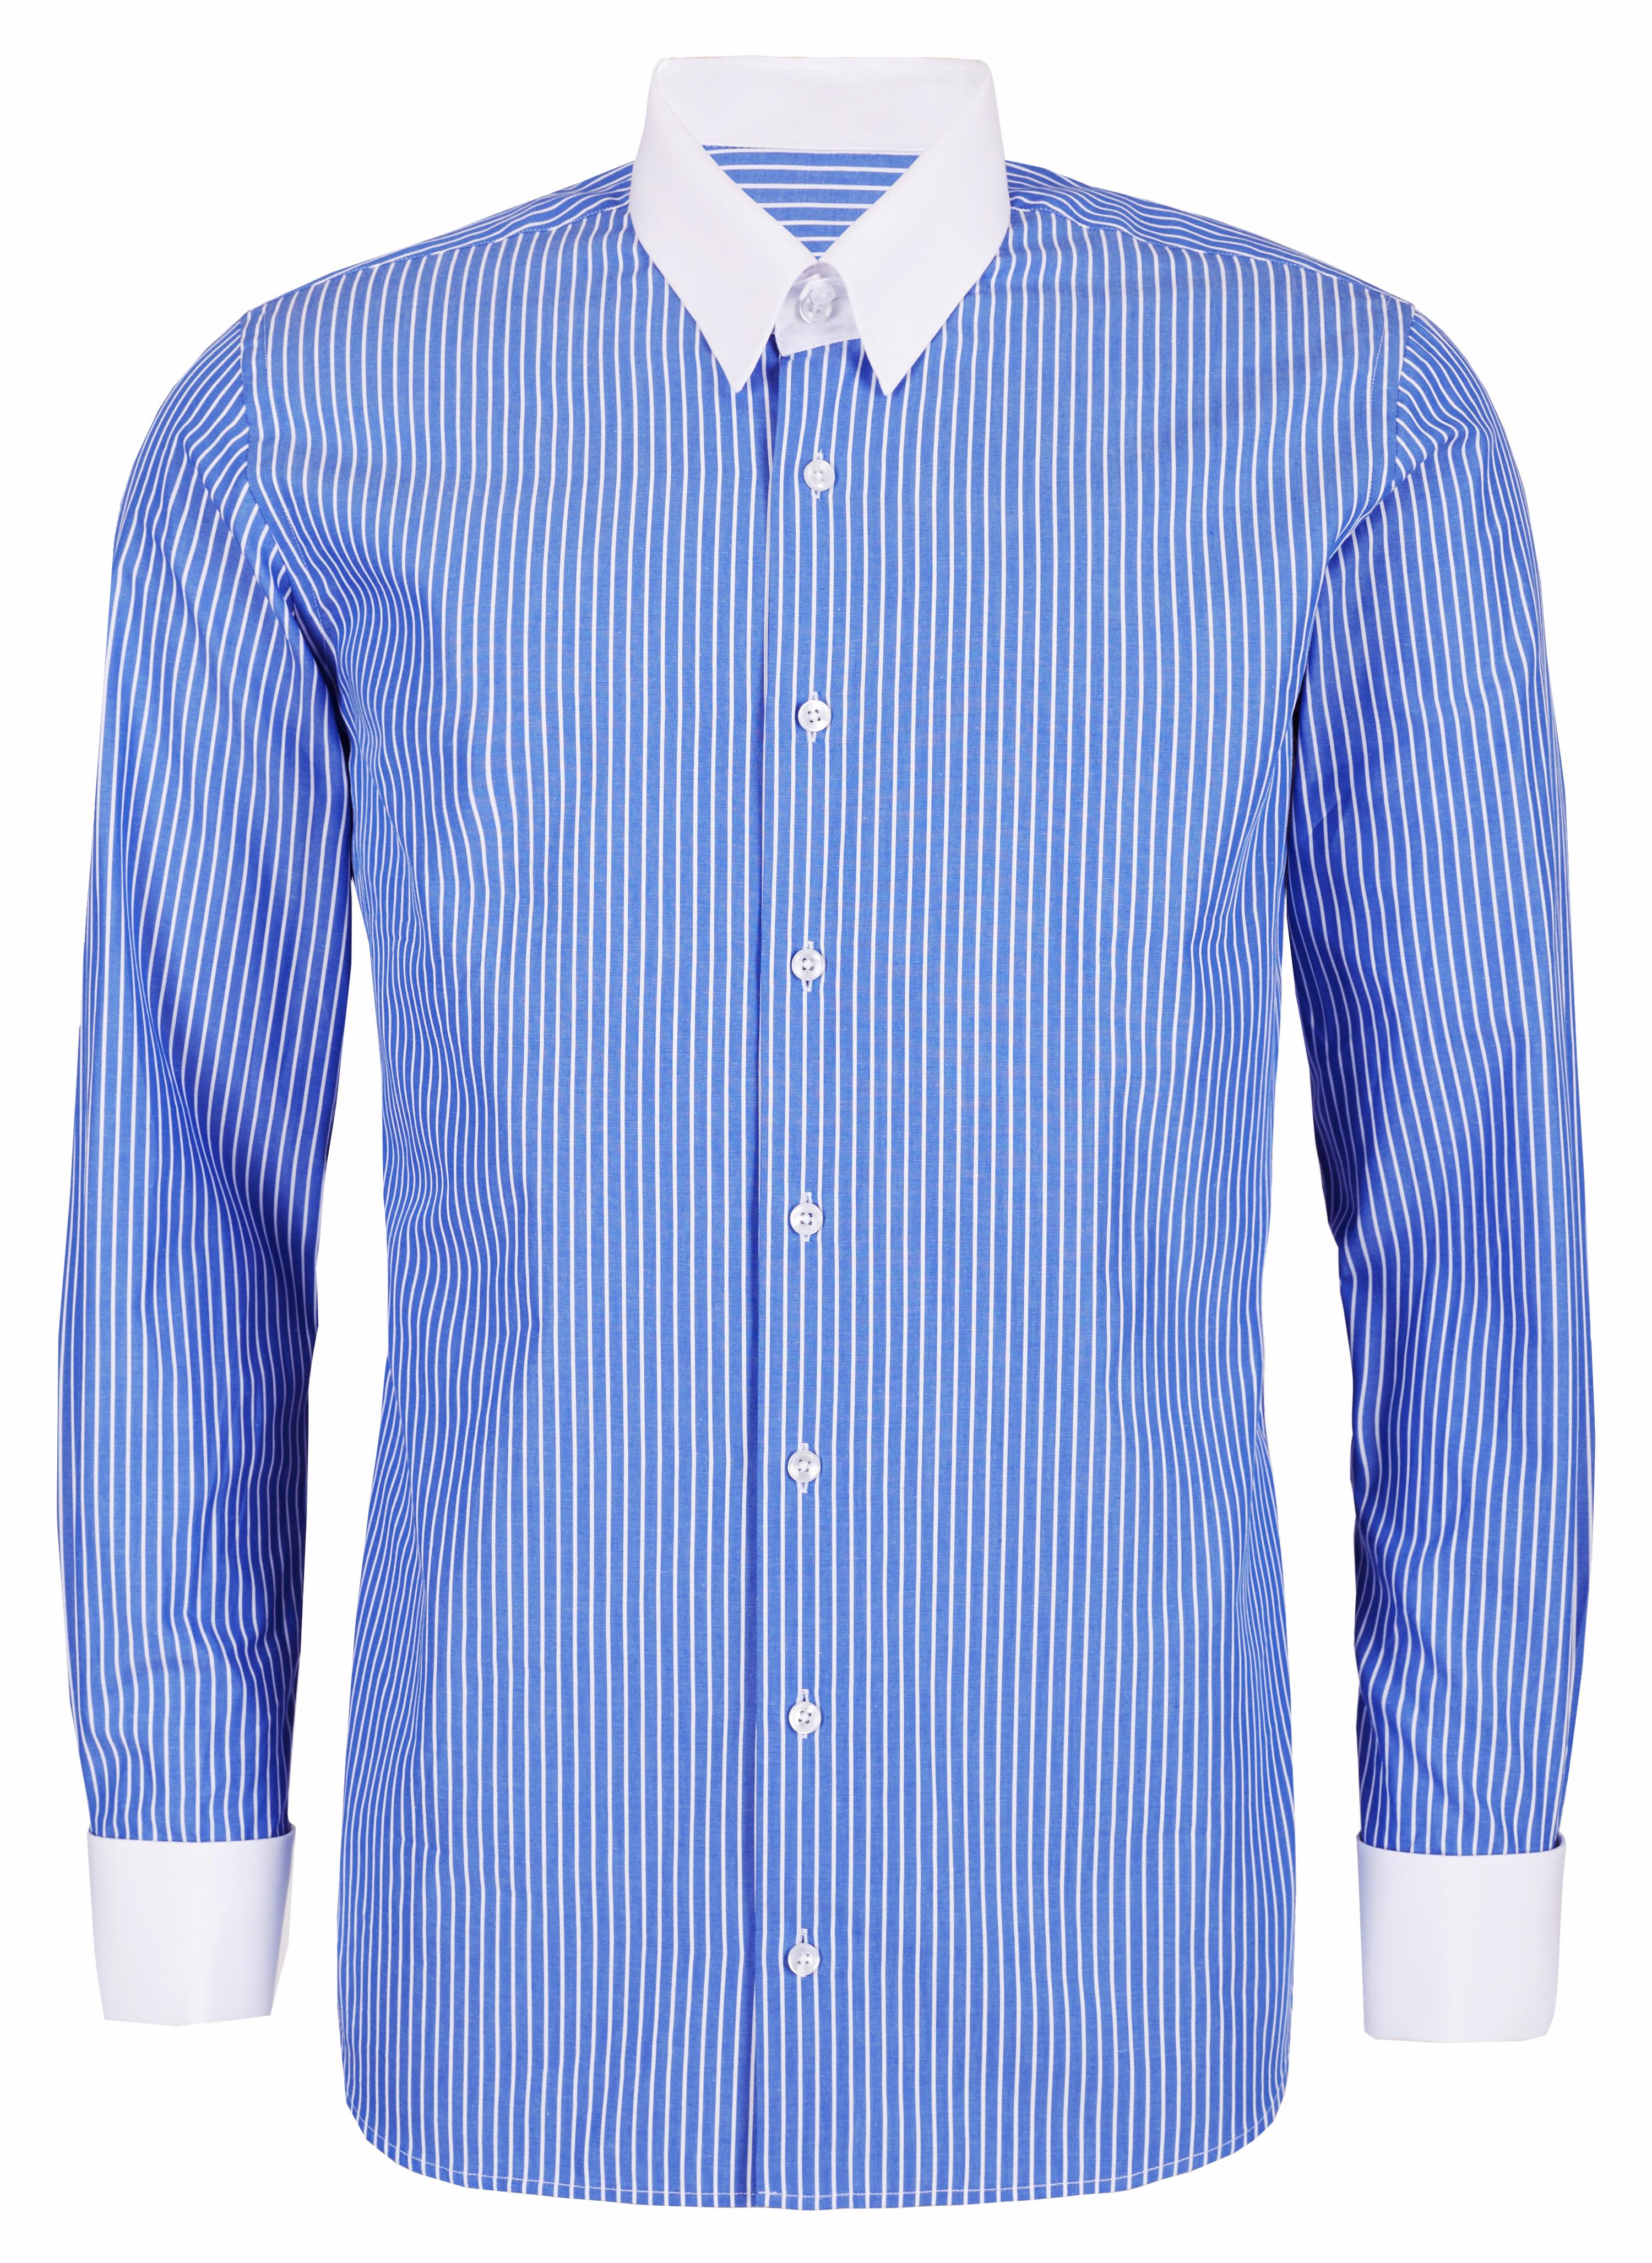 2 Farben blaues Hemd weißem Kragen und Manschetten für